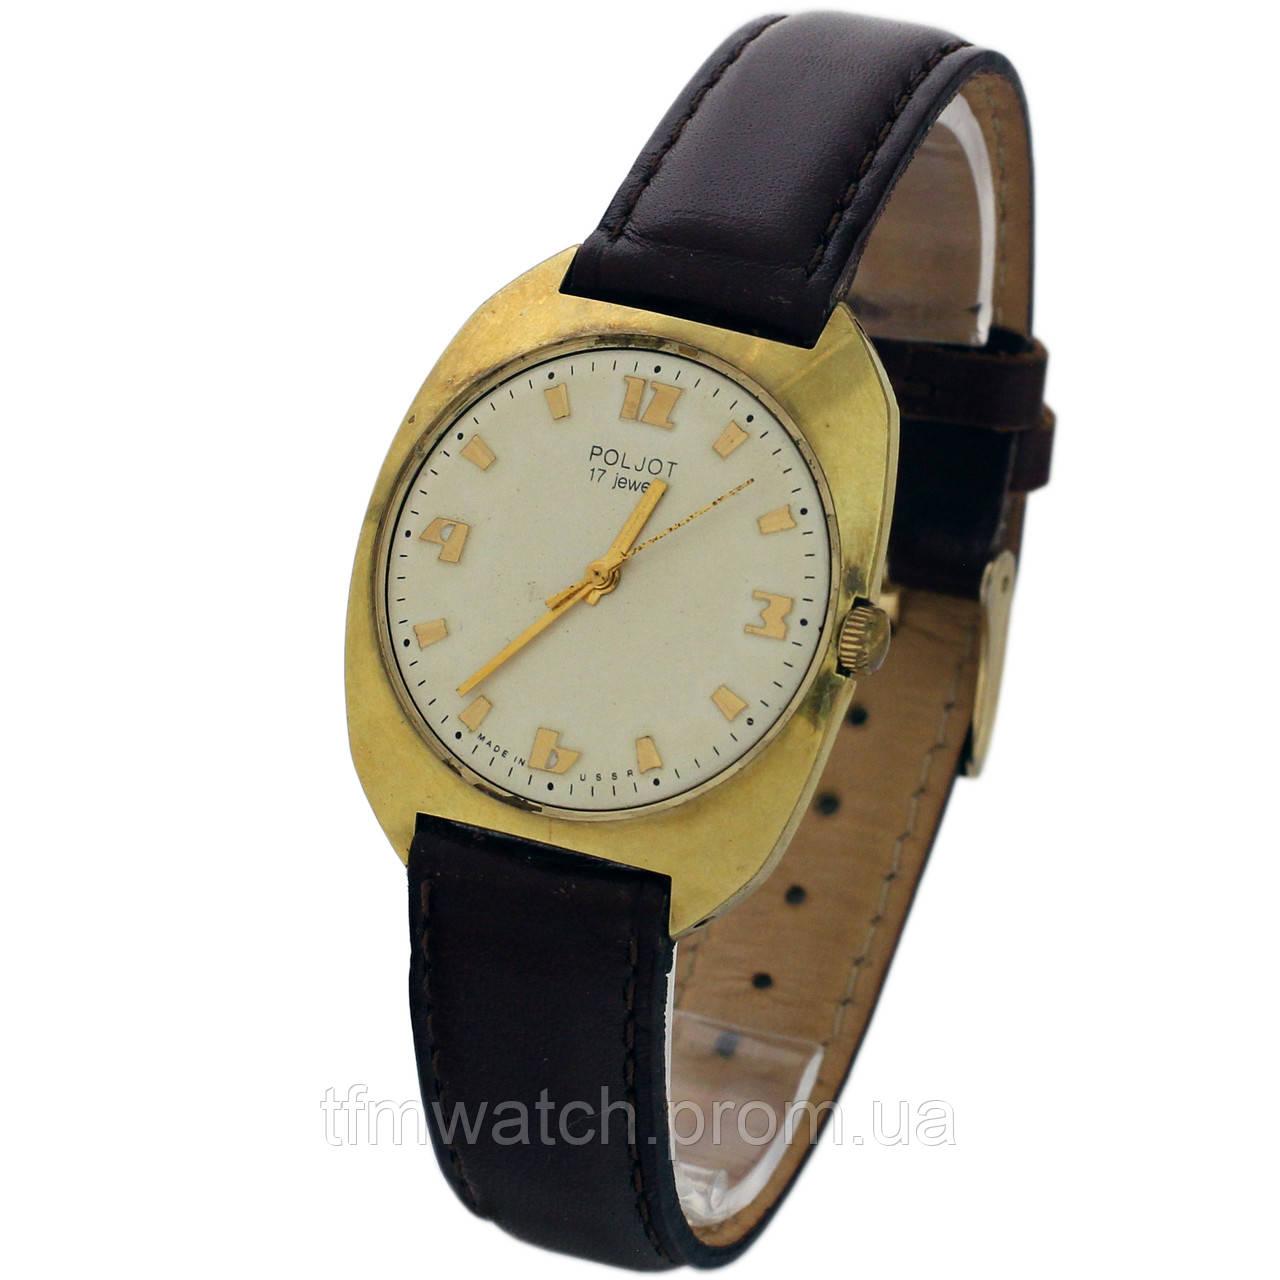 Poljot 17 jewels made in USSR -  Магазин старинных, винтажных и антикварных часов TFMwatch в России